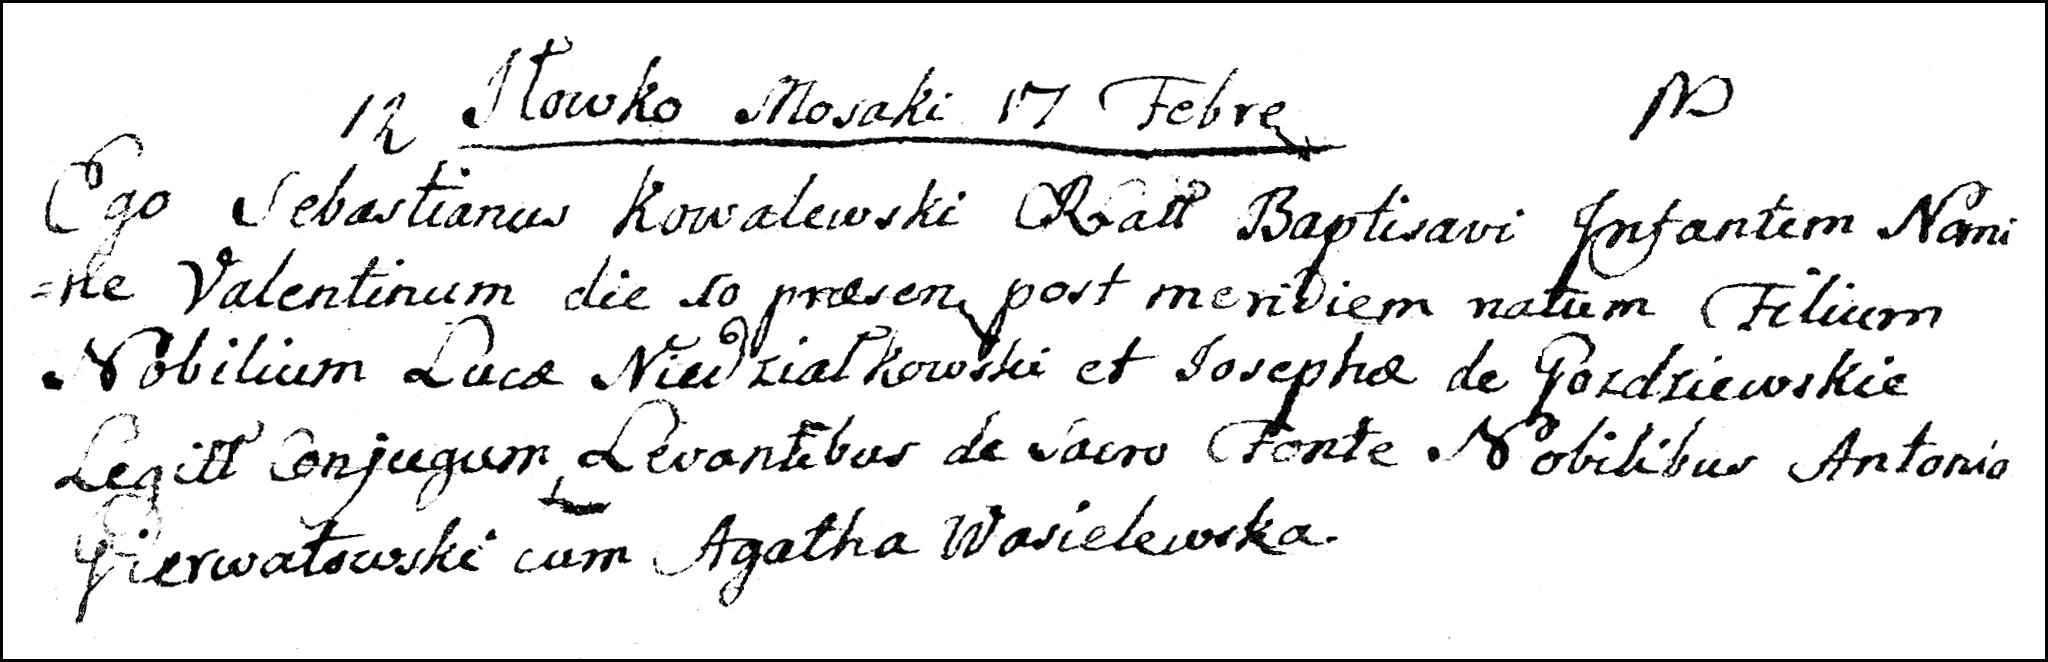 The Birth and Baptismal Record of Walenty Niedzialkowski - 1782